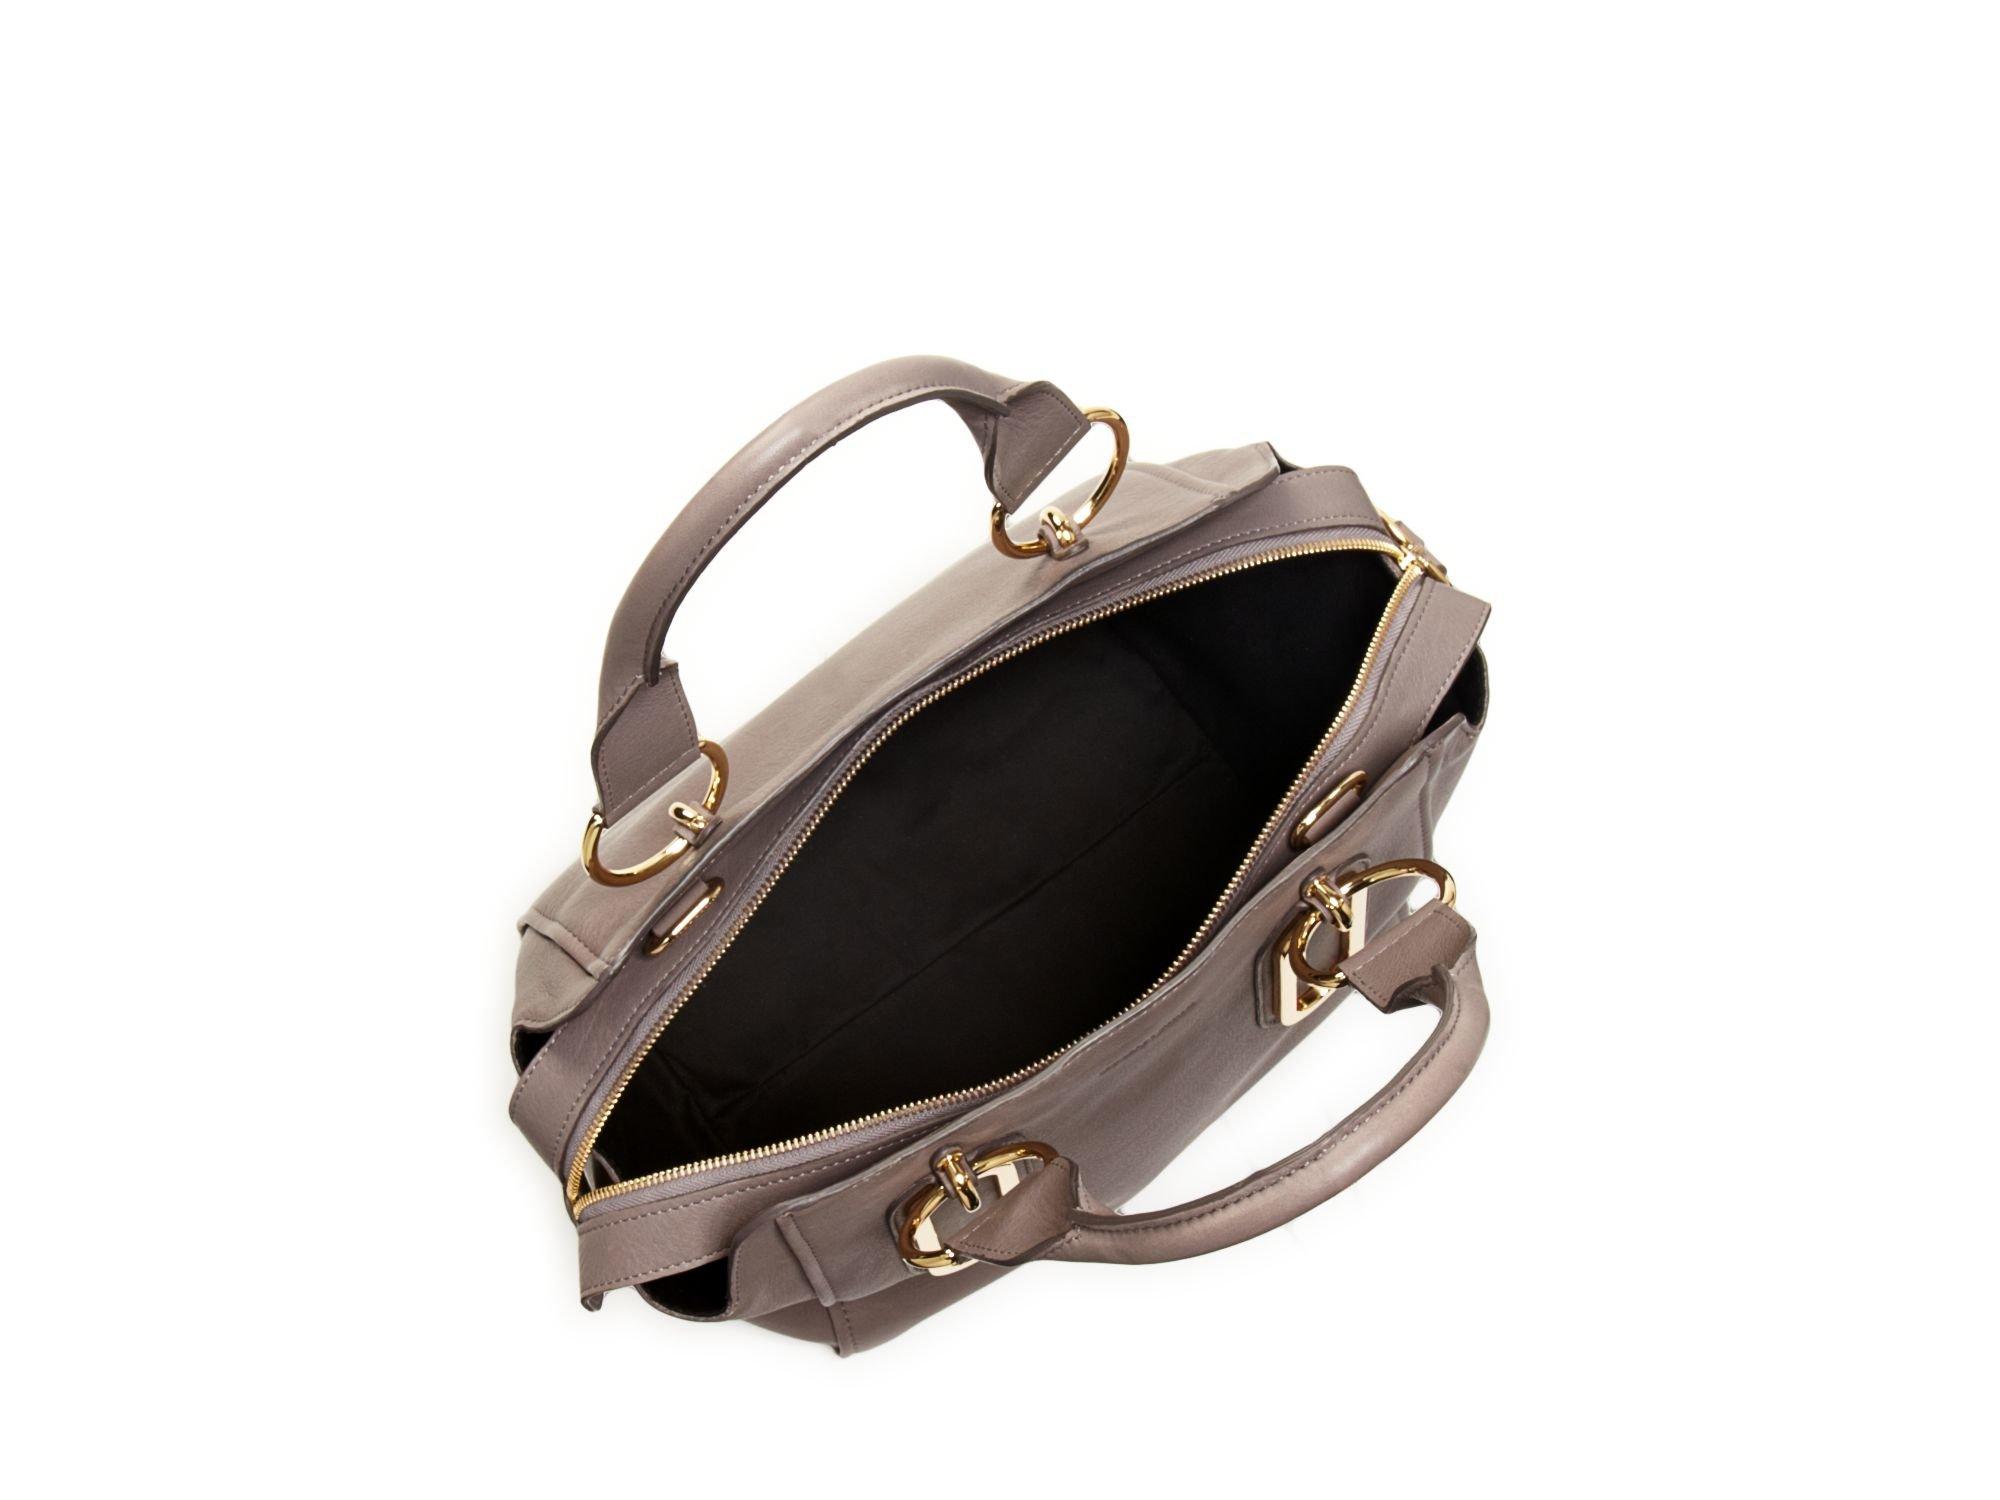 chloe marcie bag knockoff - see-by-chloe-grey-see-by-chloe-paige-medium-satchel-bloomingdales-exclusive-gray-product-0-039963484-normal.jpeg